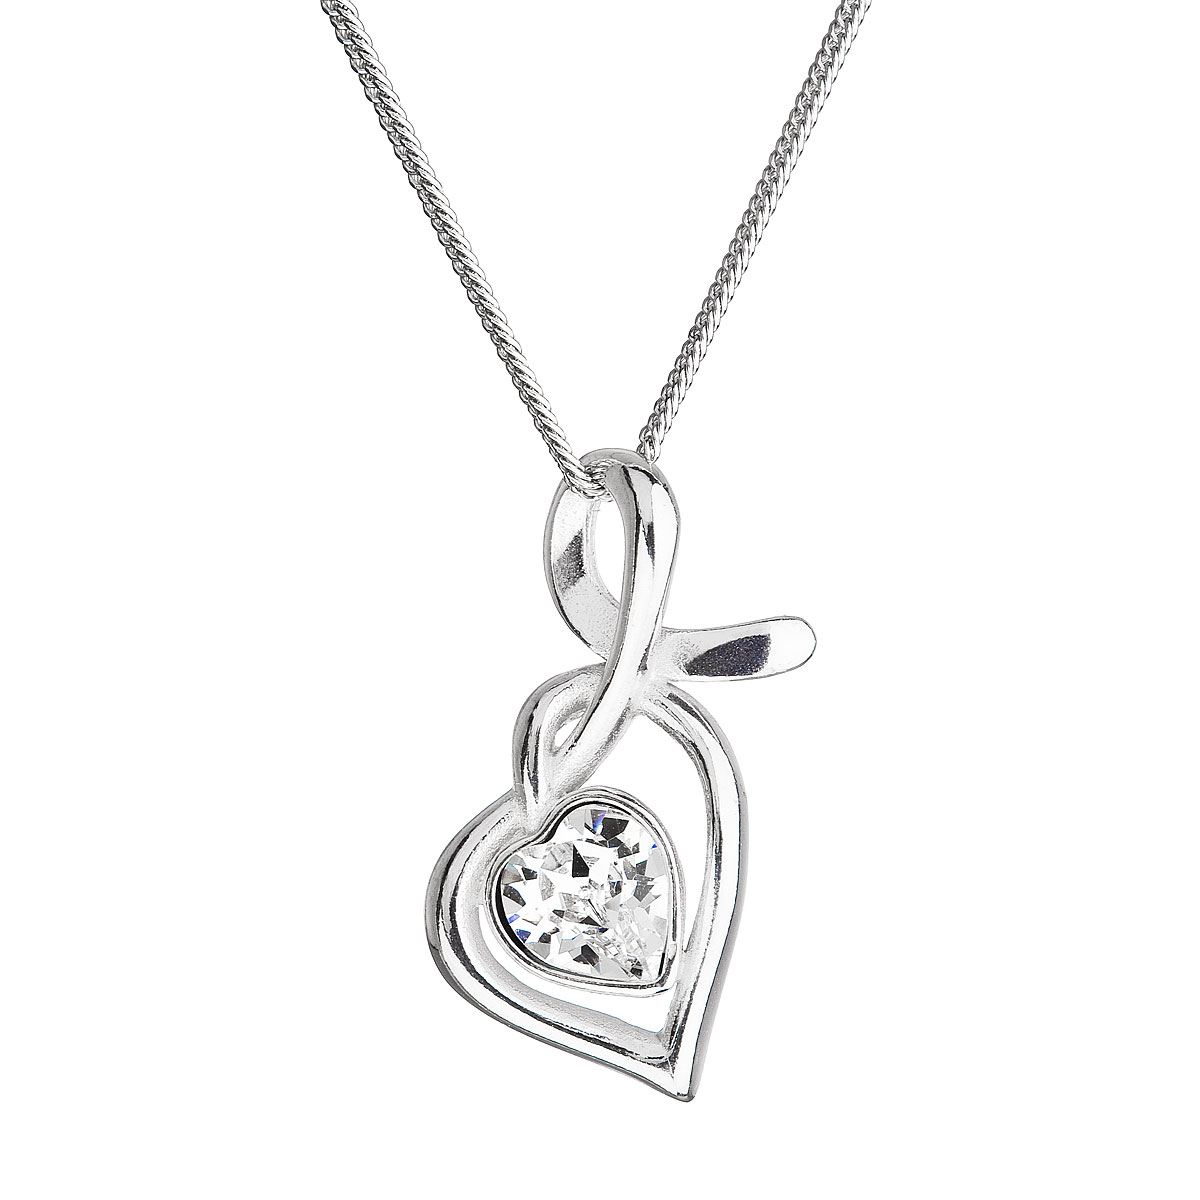 Strieborný náhrdelník so Swarovski kryštálmi srdce biele 32071.1